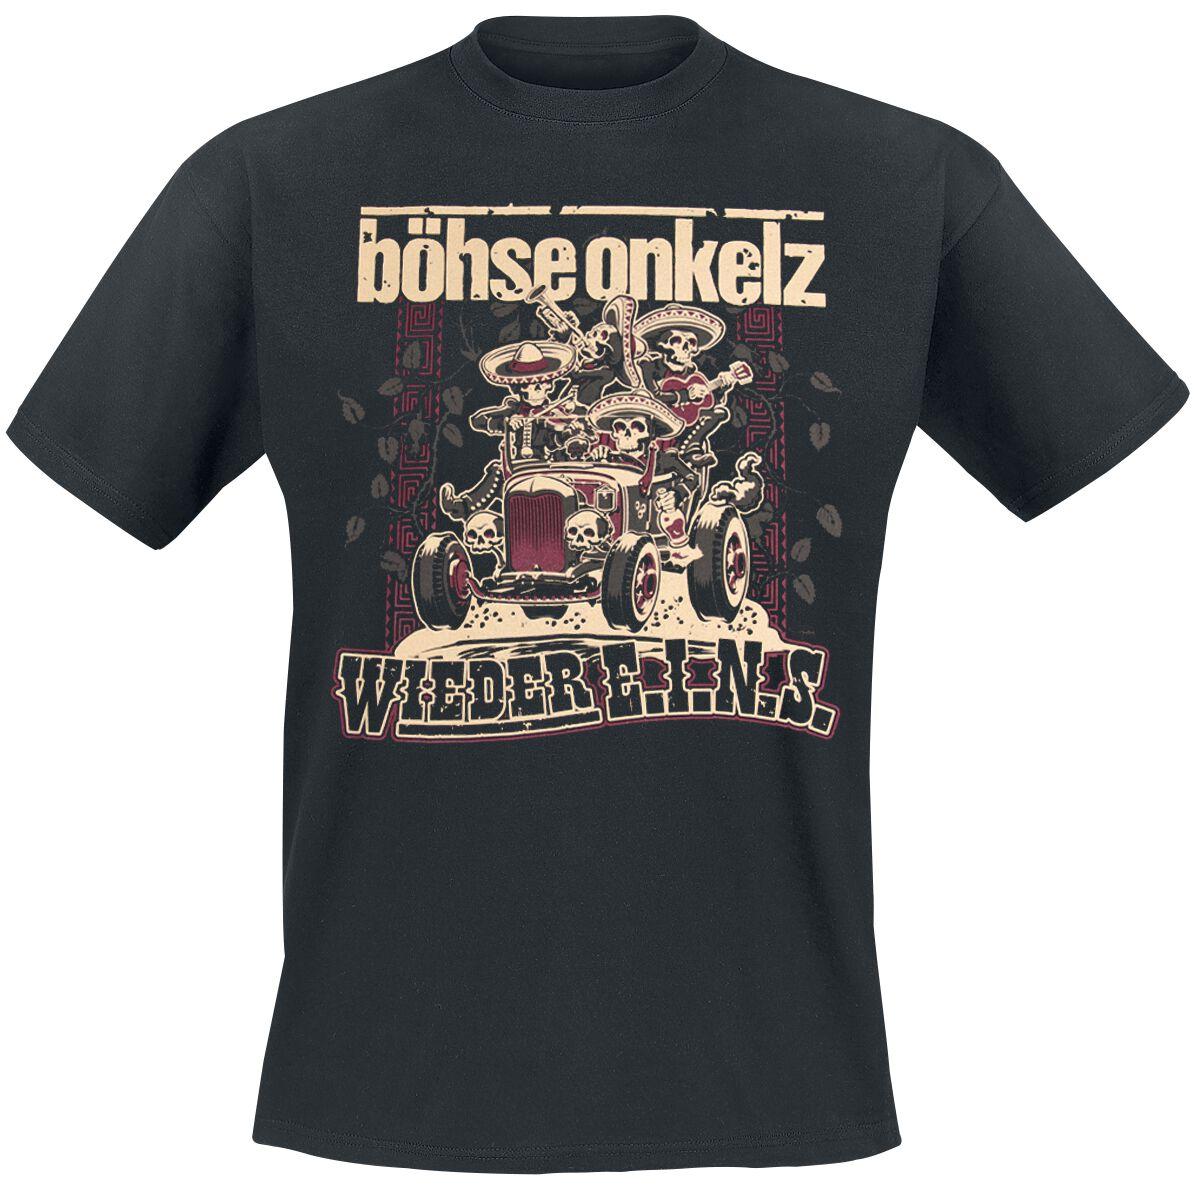 Image of   Böhse Onkelz Wieder E.I.N.S. T-Shirt sort